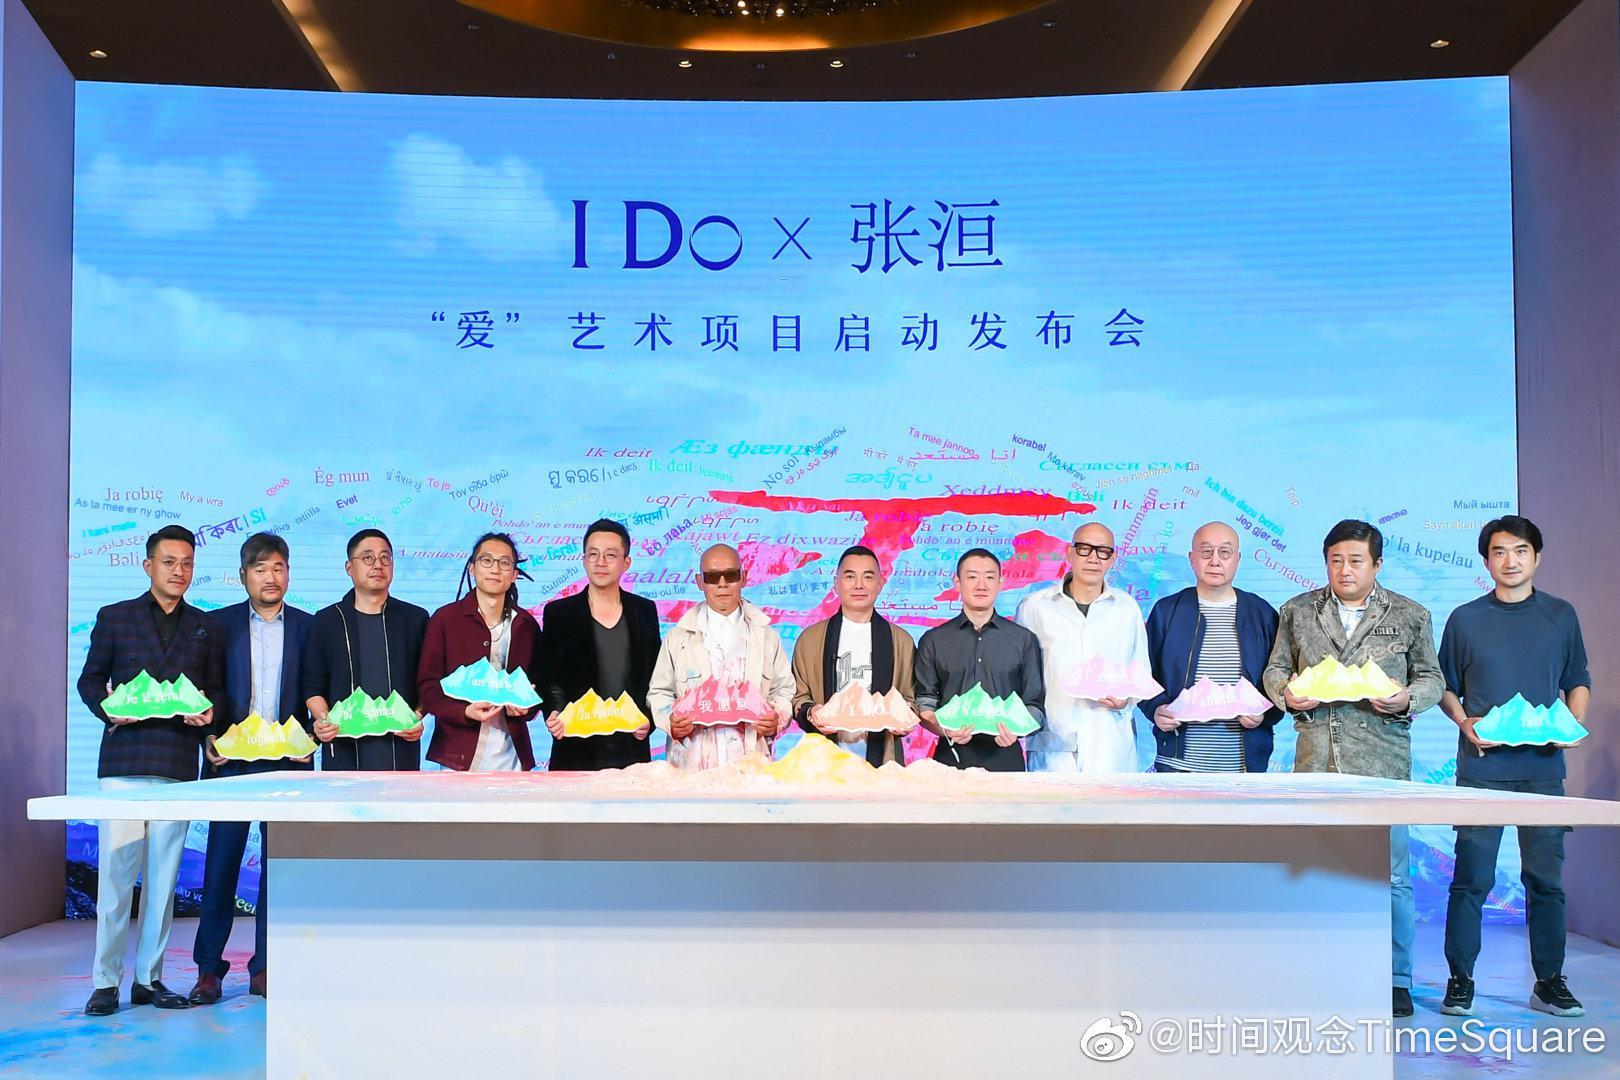 10月15日,珠宝品牌@IDo官方微博 联合世界著名当代艺术家张洹……